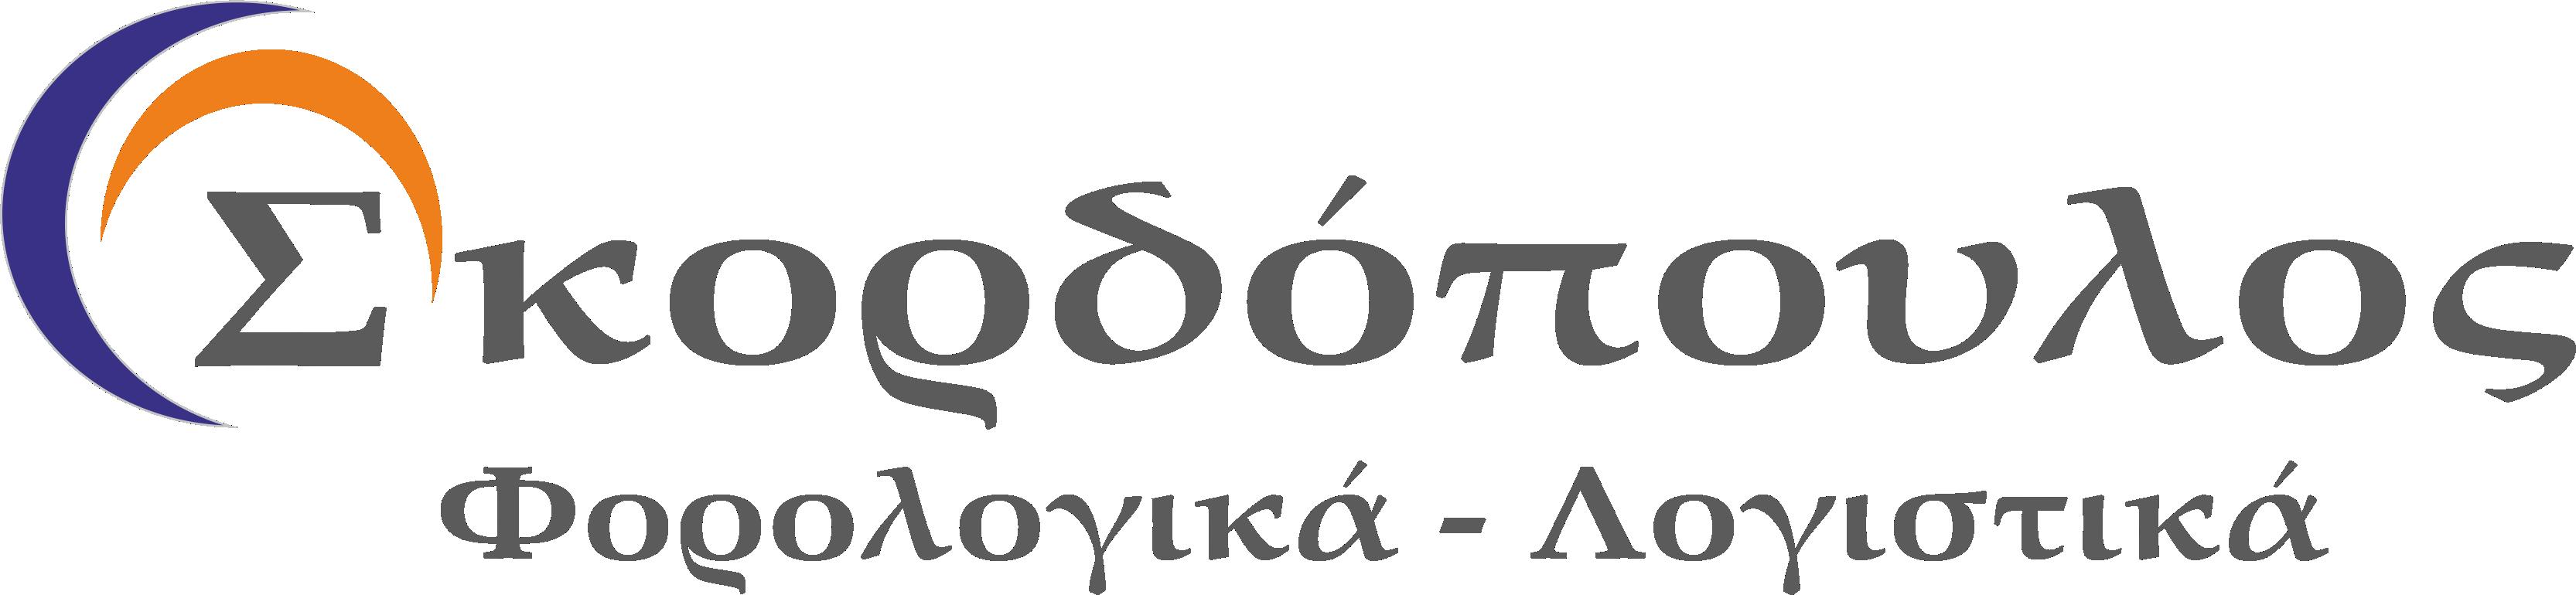 skordopoulos.com